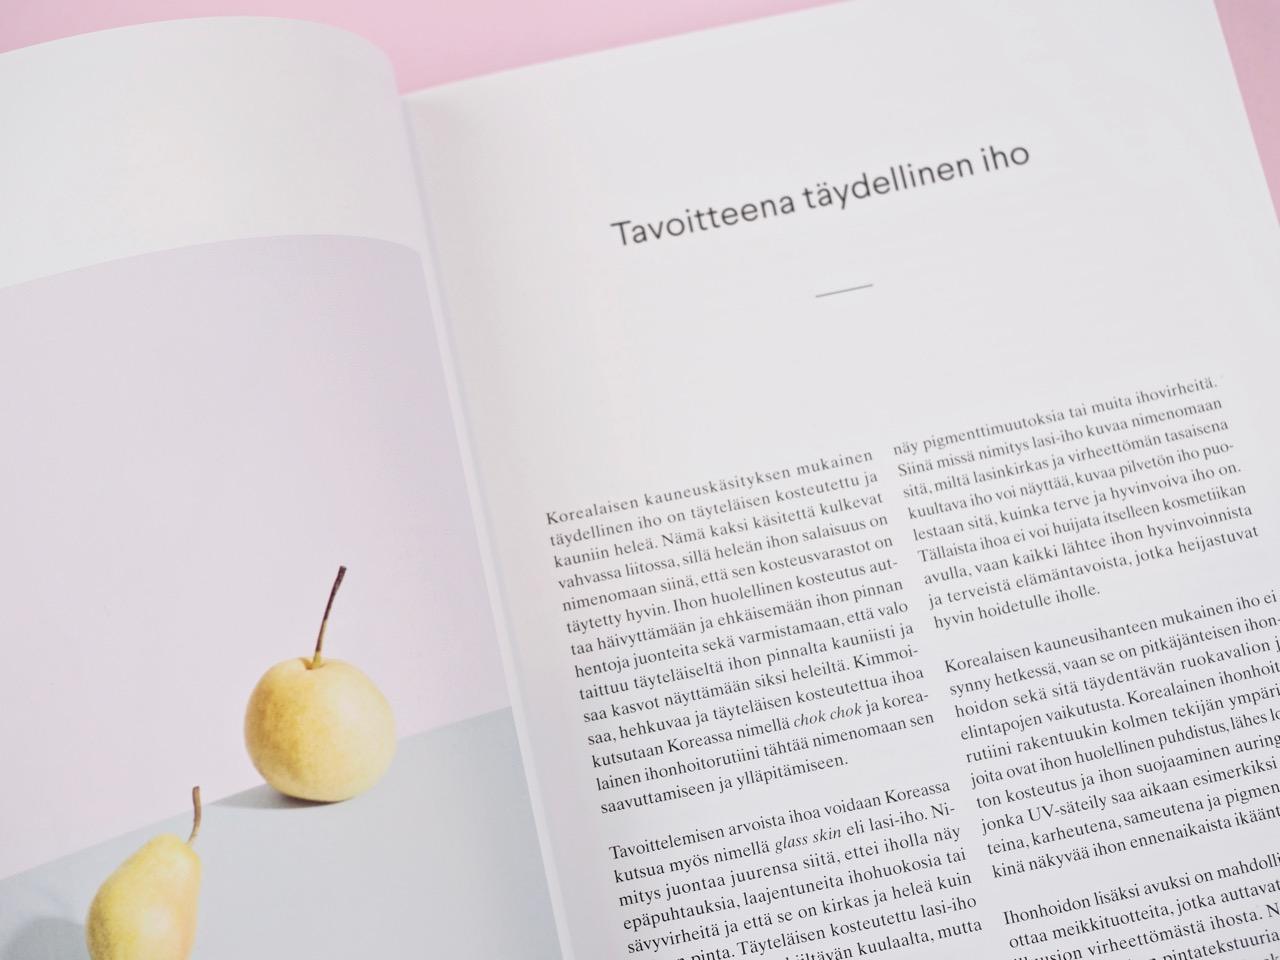 Täydellinen iho opas korealaiseen ihonhoitoon kirja Virve Fredman